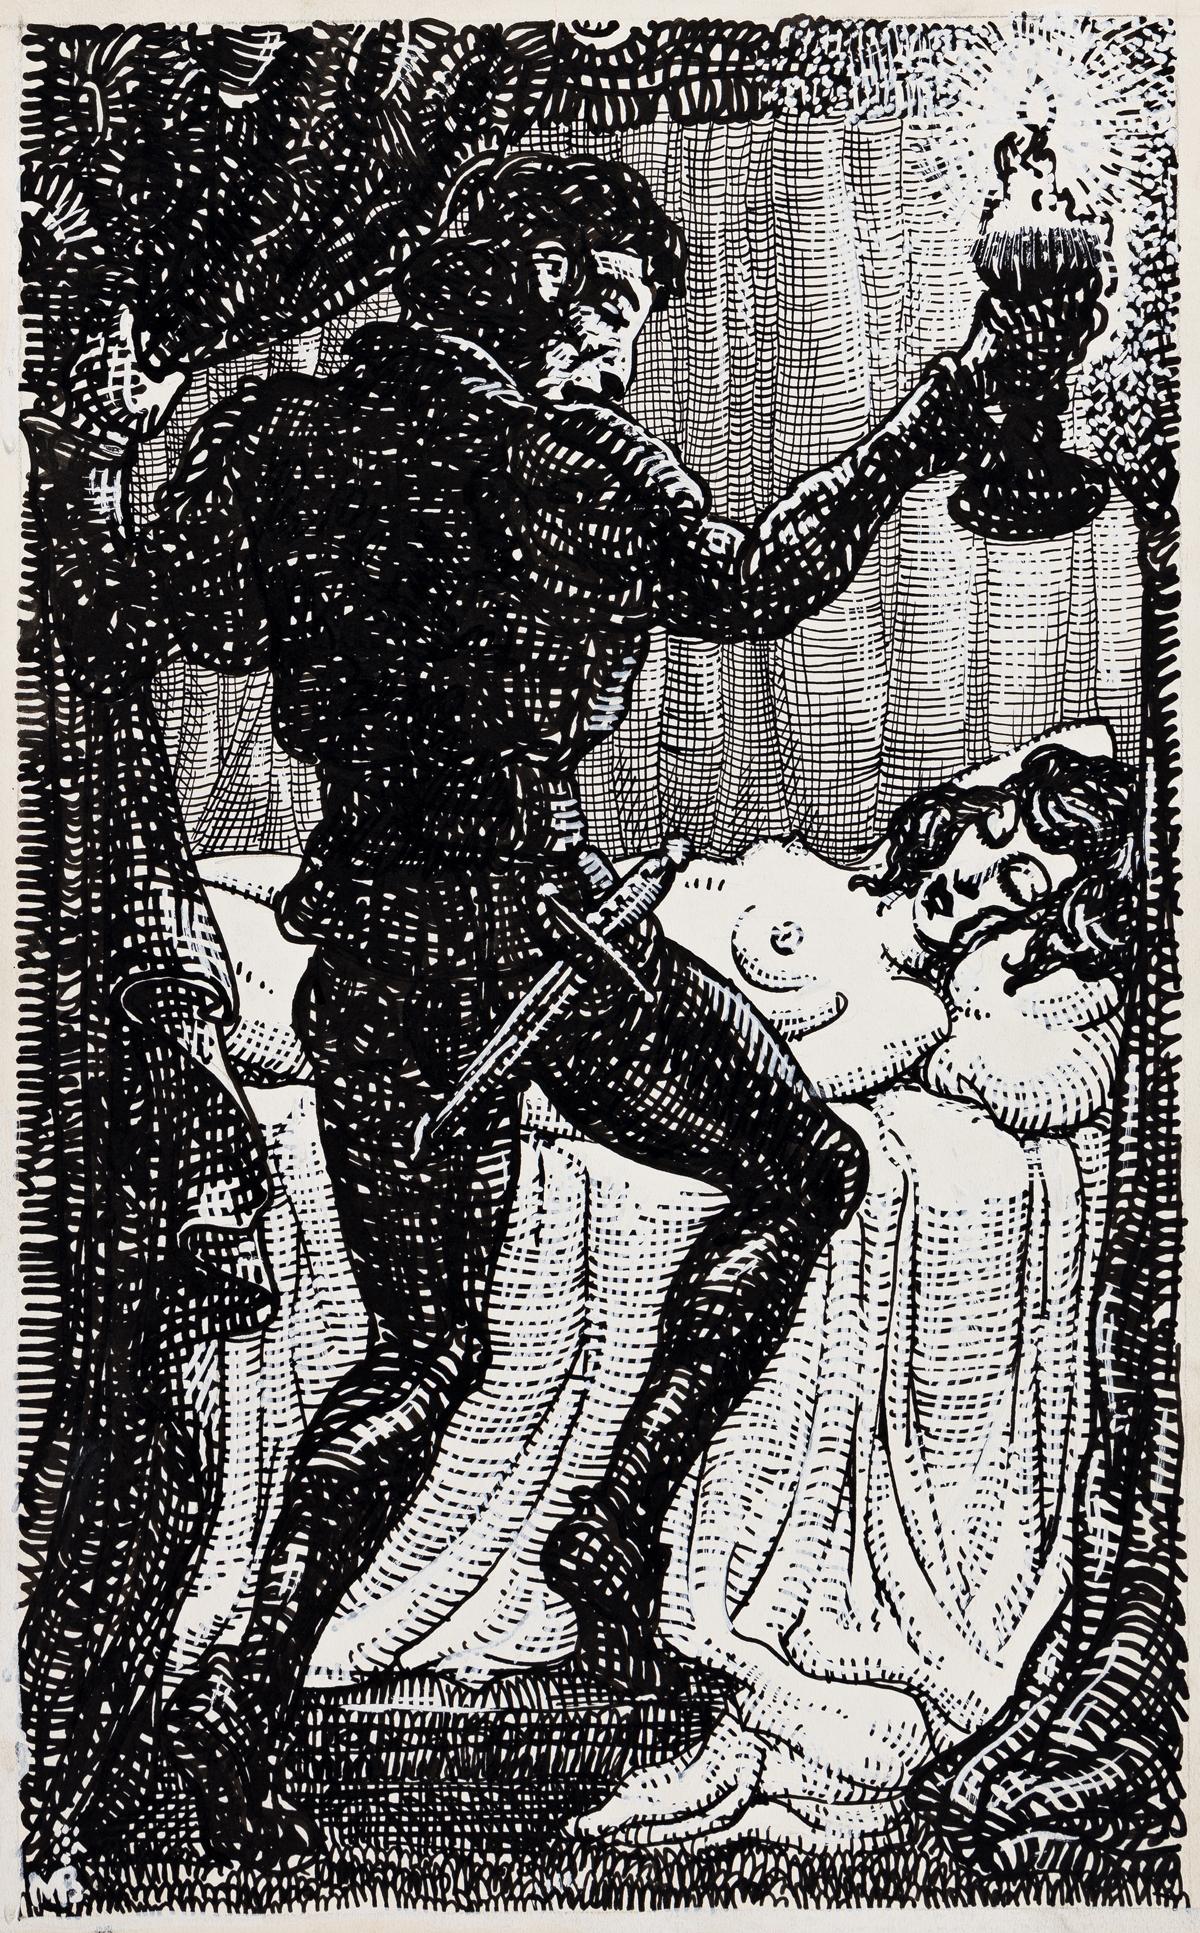 MAHLON BLAINE (1894-1969) The Decameron of Boccaccio.